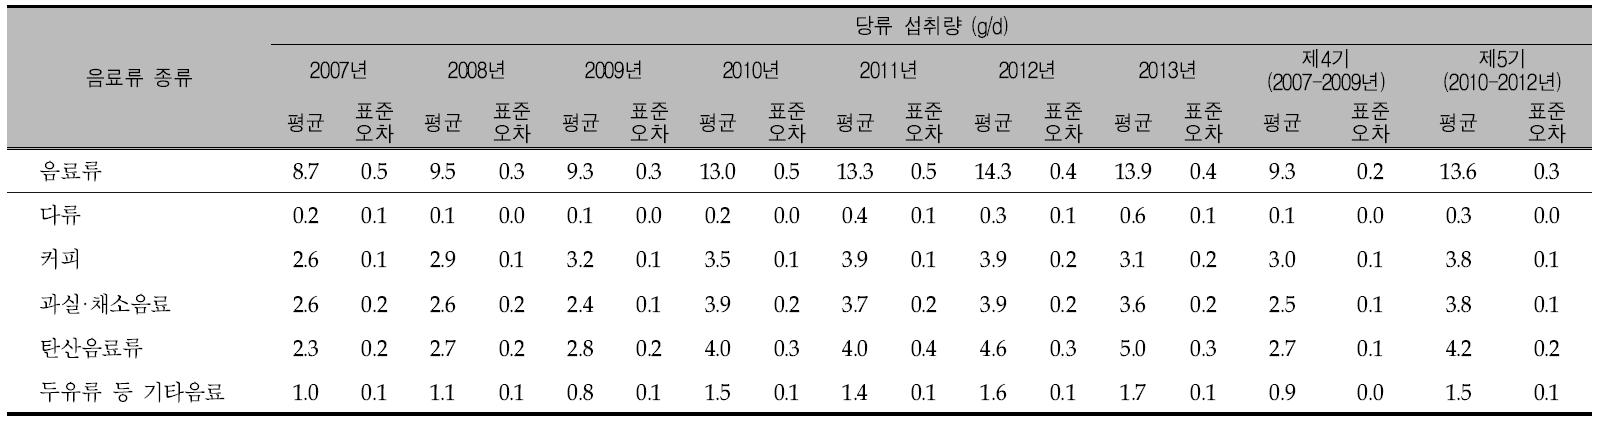 연도별 음료류 종류별 1인 1일 평균 당류 섭취량: 국민건강영양조사 2007-2013년, 제4기(2007-2009) 및 제5기(2010-2012년)